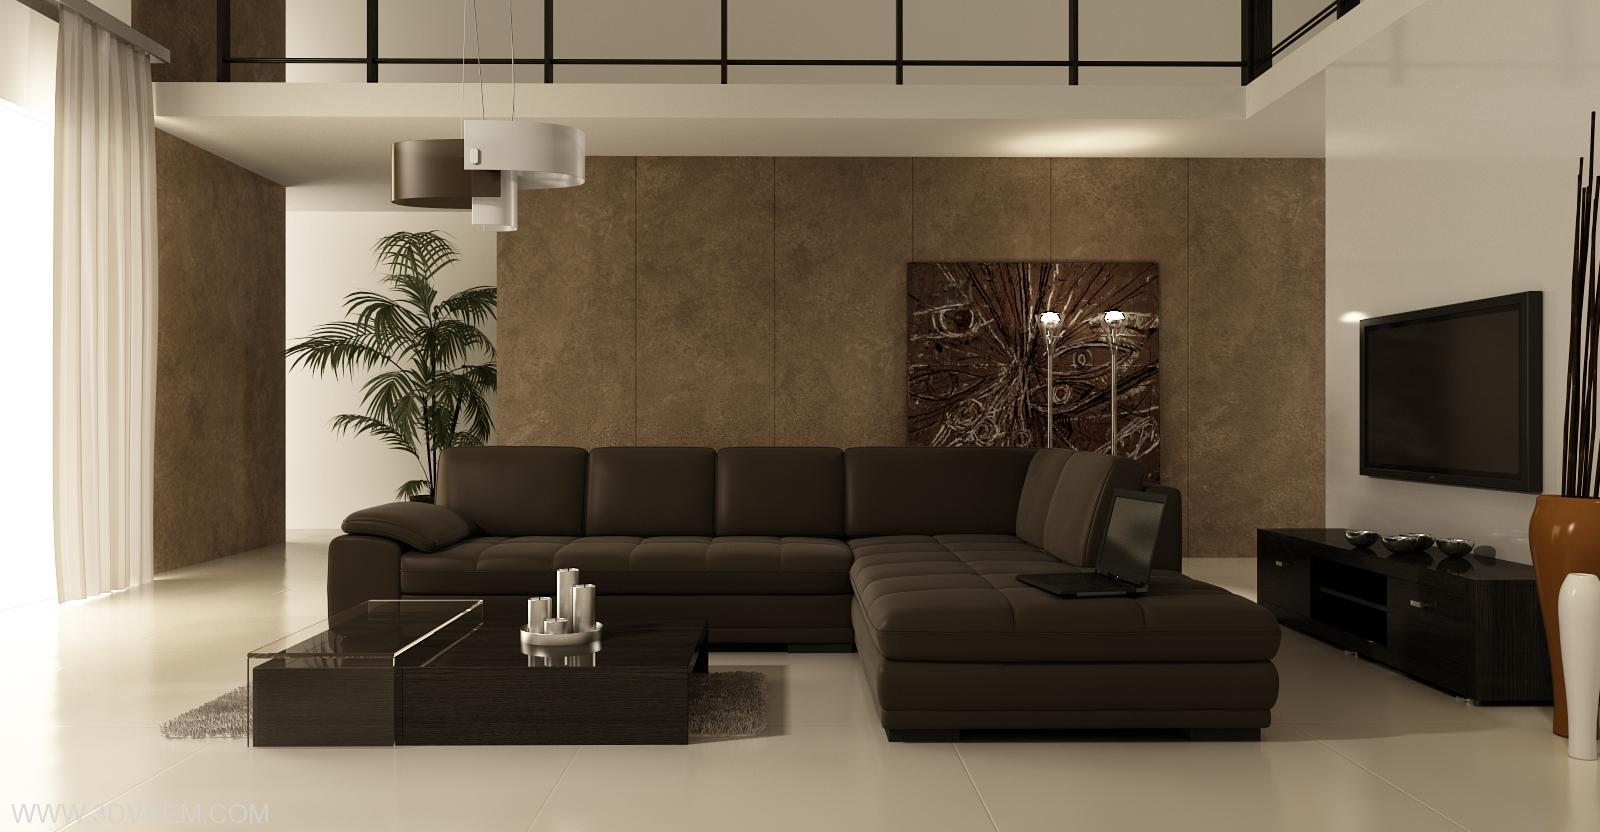 Интерьер гостиной в стиле минимализм в бежево - коричневых тонах